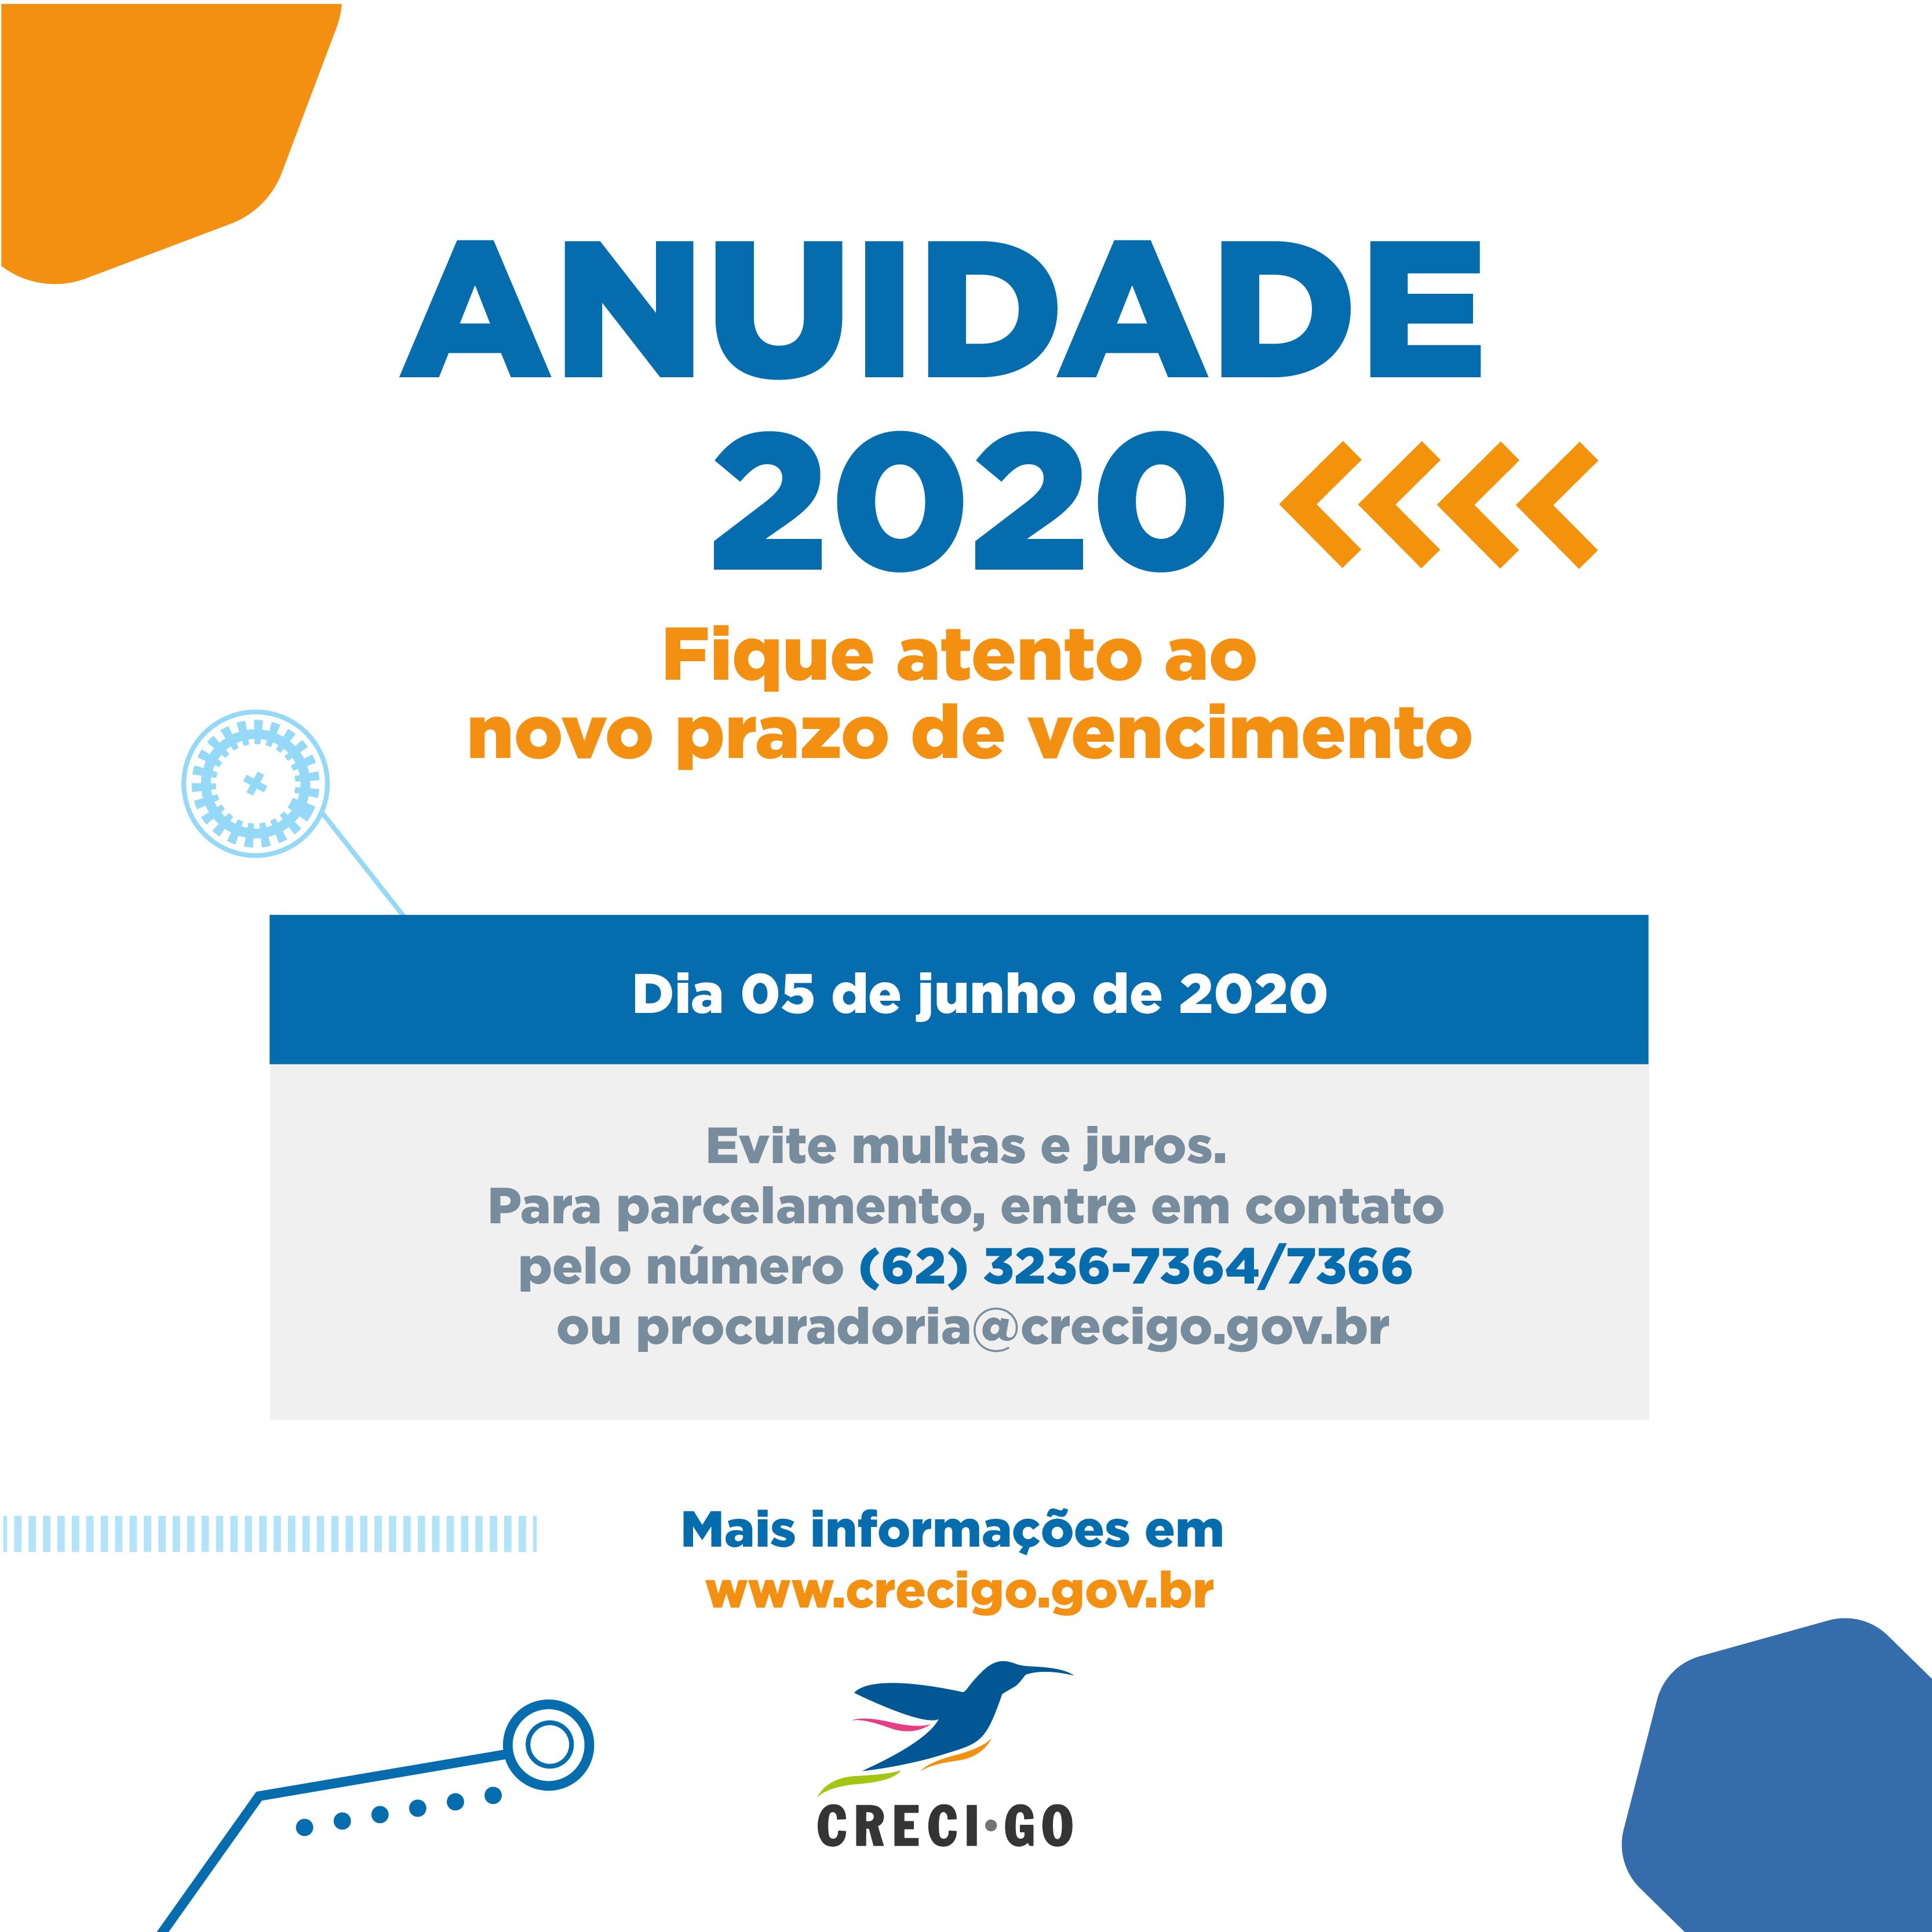 Lembrete anuidade 2020 | CRECI-GO/ Conselho Regional de Corretores de Imóveis de Goiás